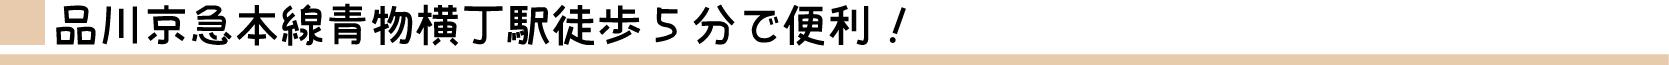 青物横丁 整体 NaturalThearpy YURARI-ゆらり-